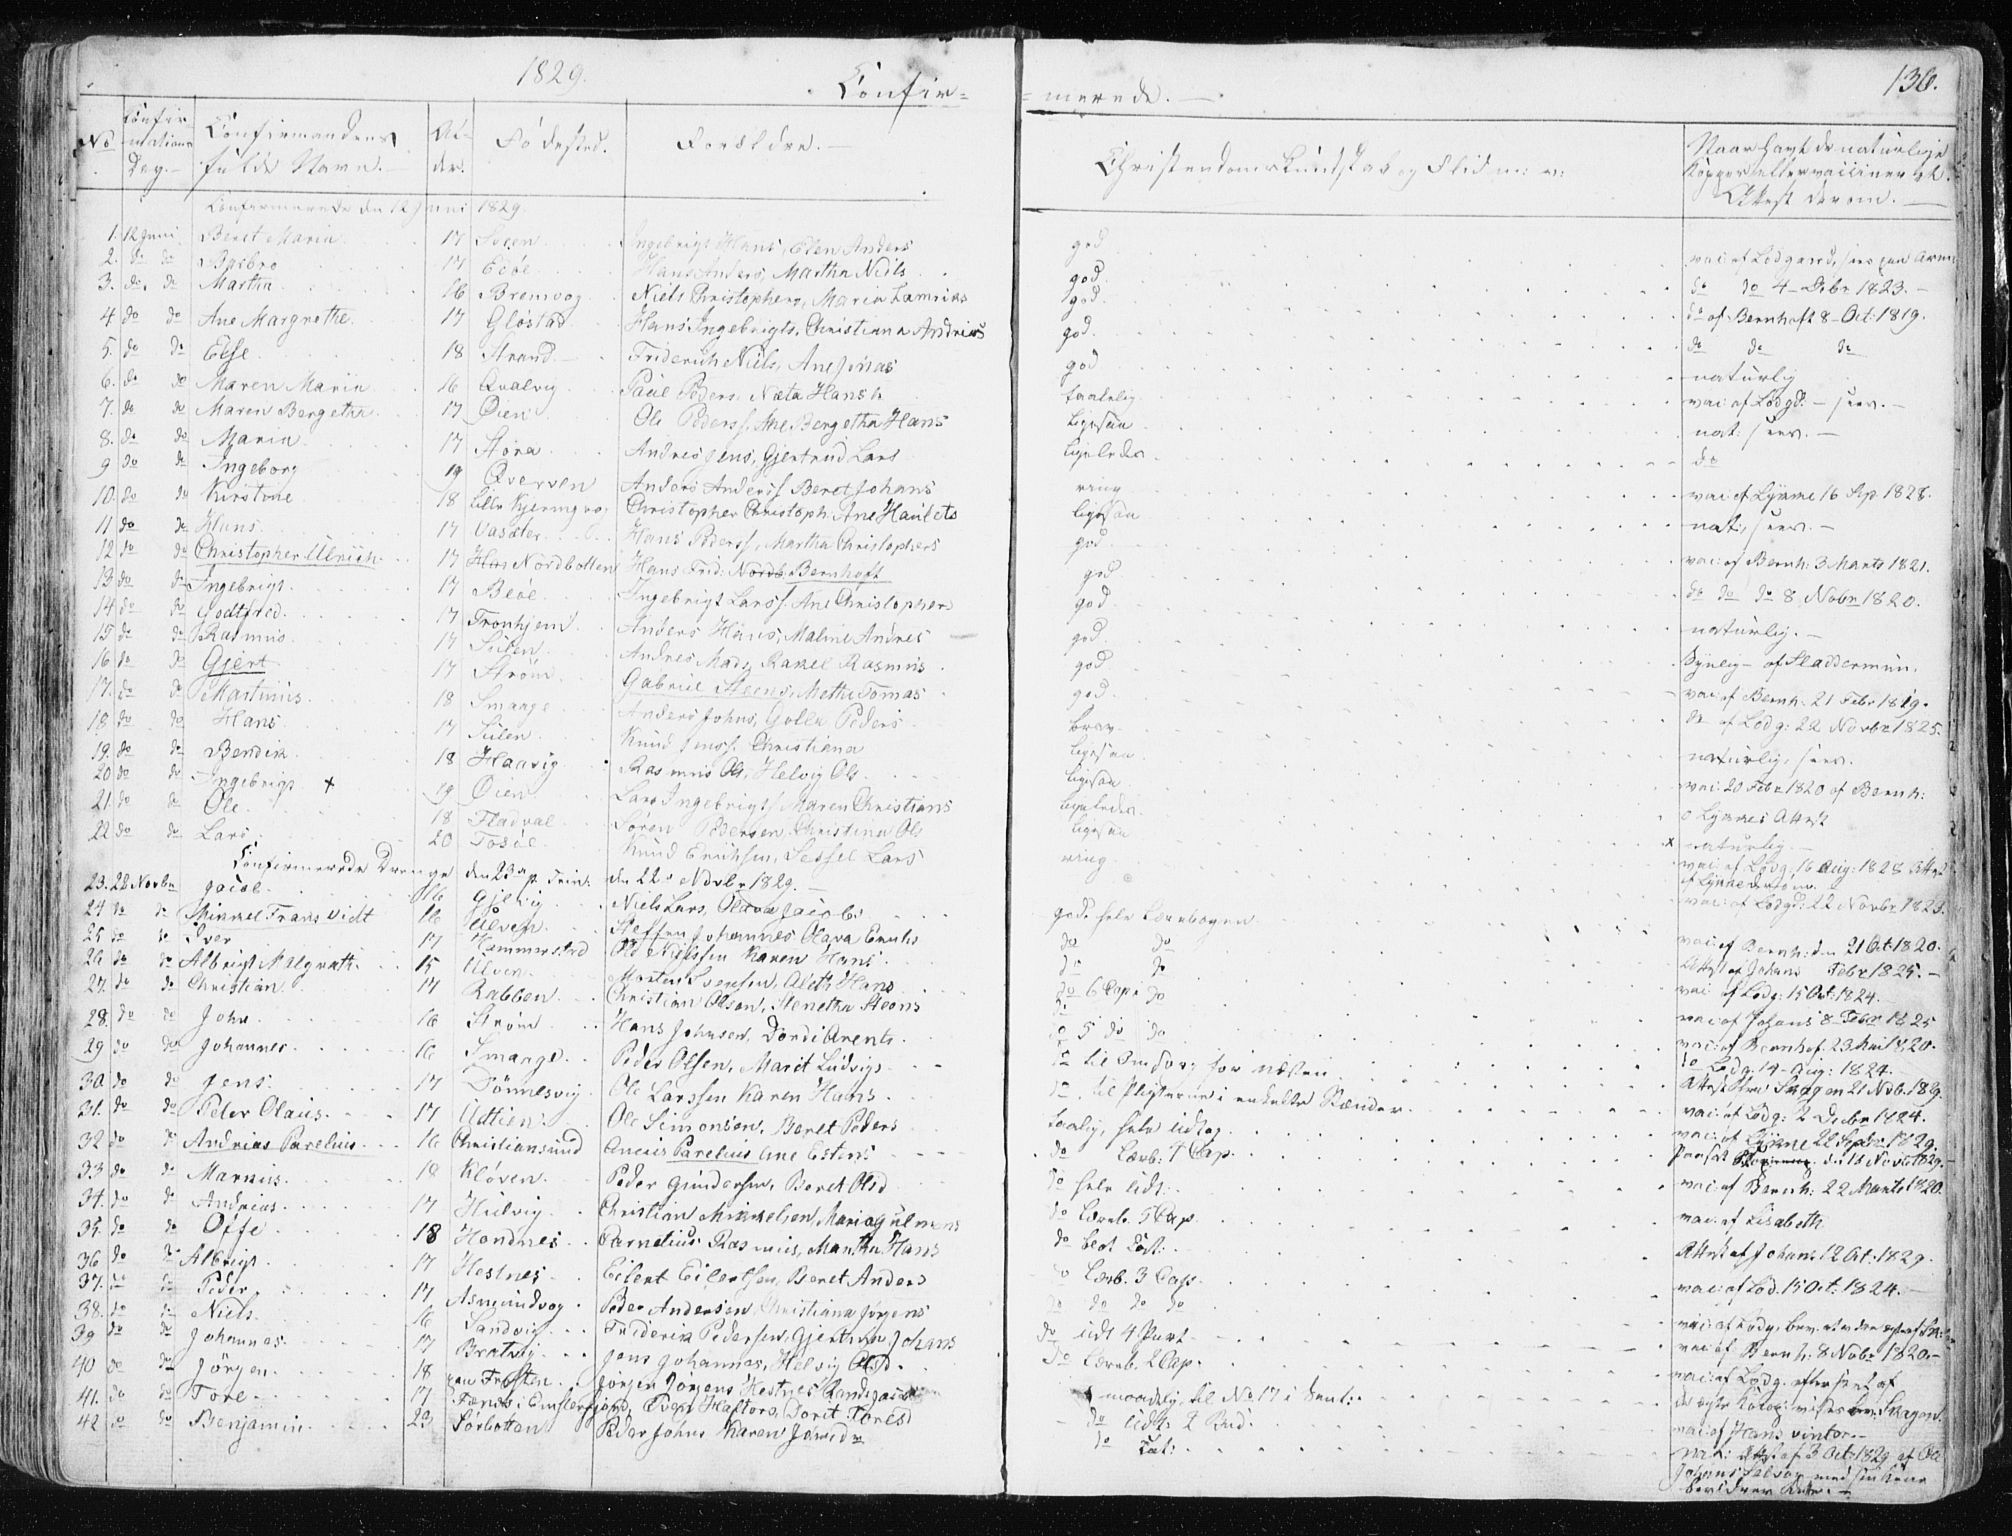 SAT, Ministerialprotokoller, klokkerbøker og fødselsregistre - Sør-Trøndelag, 634/L0528: Ministerialbok nr. 634A04, 1827-1842, s. 136